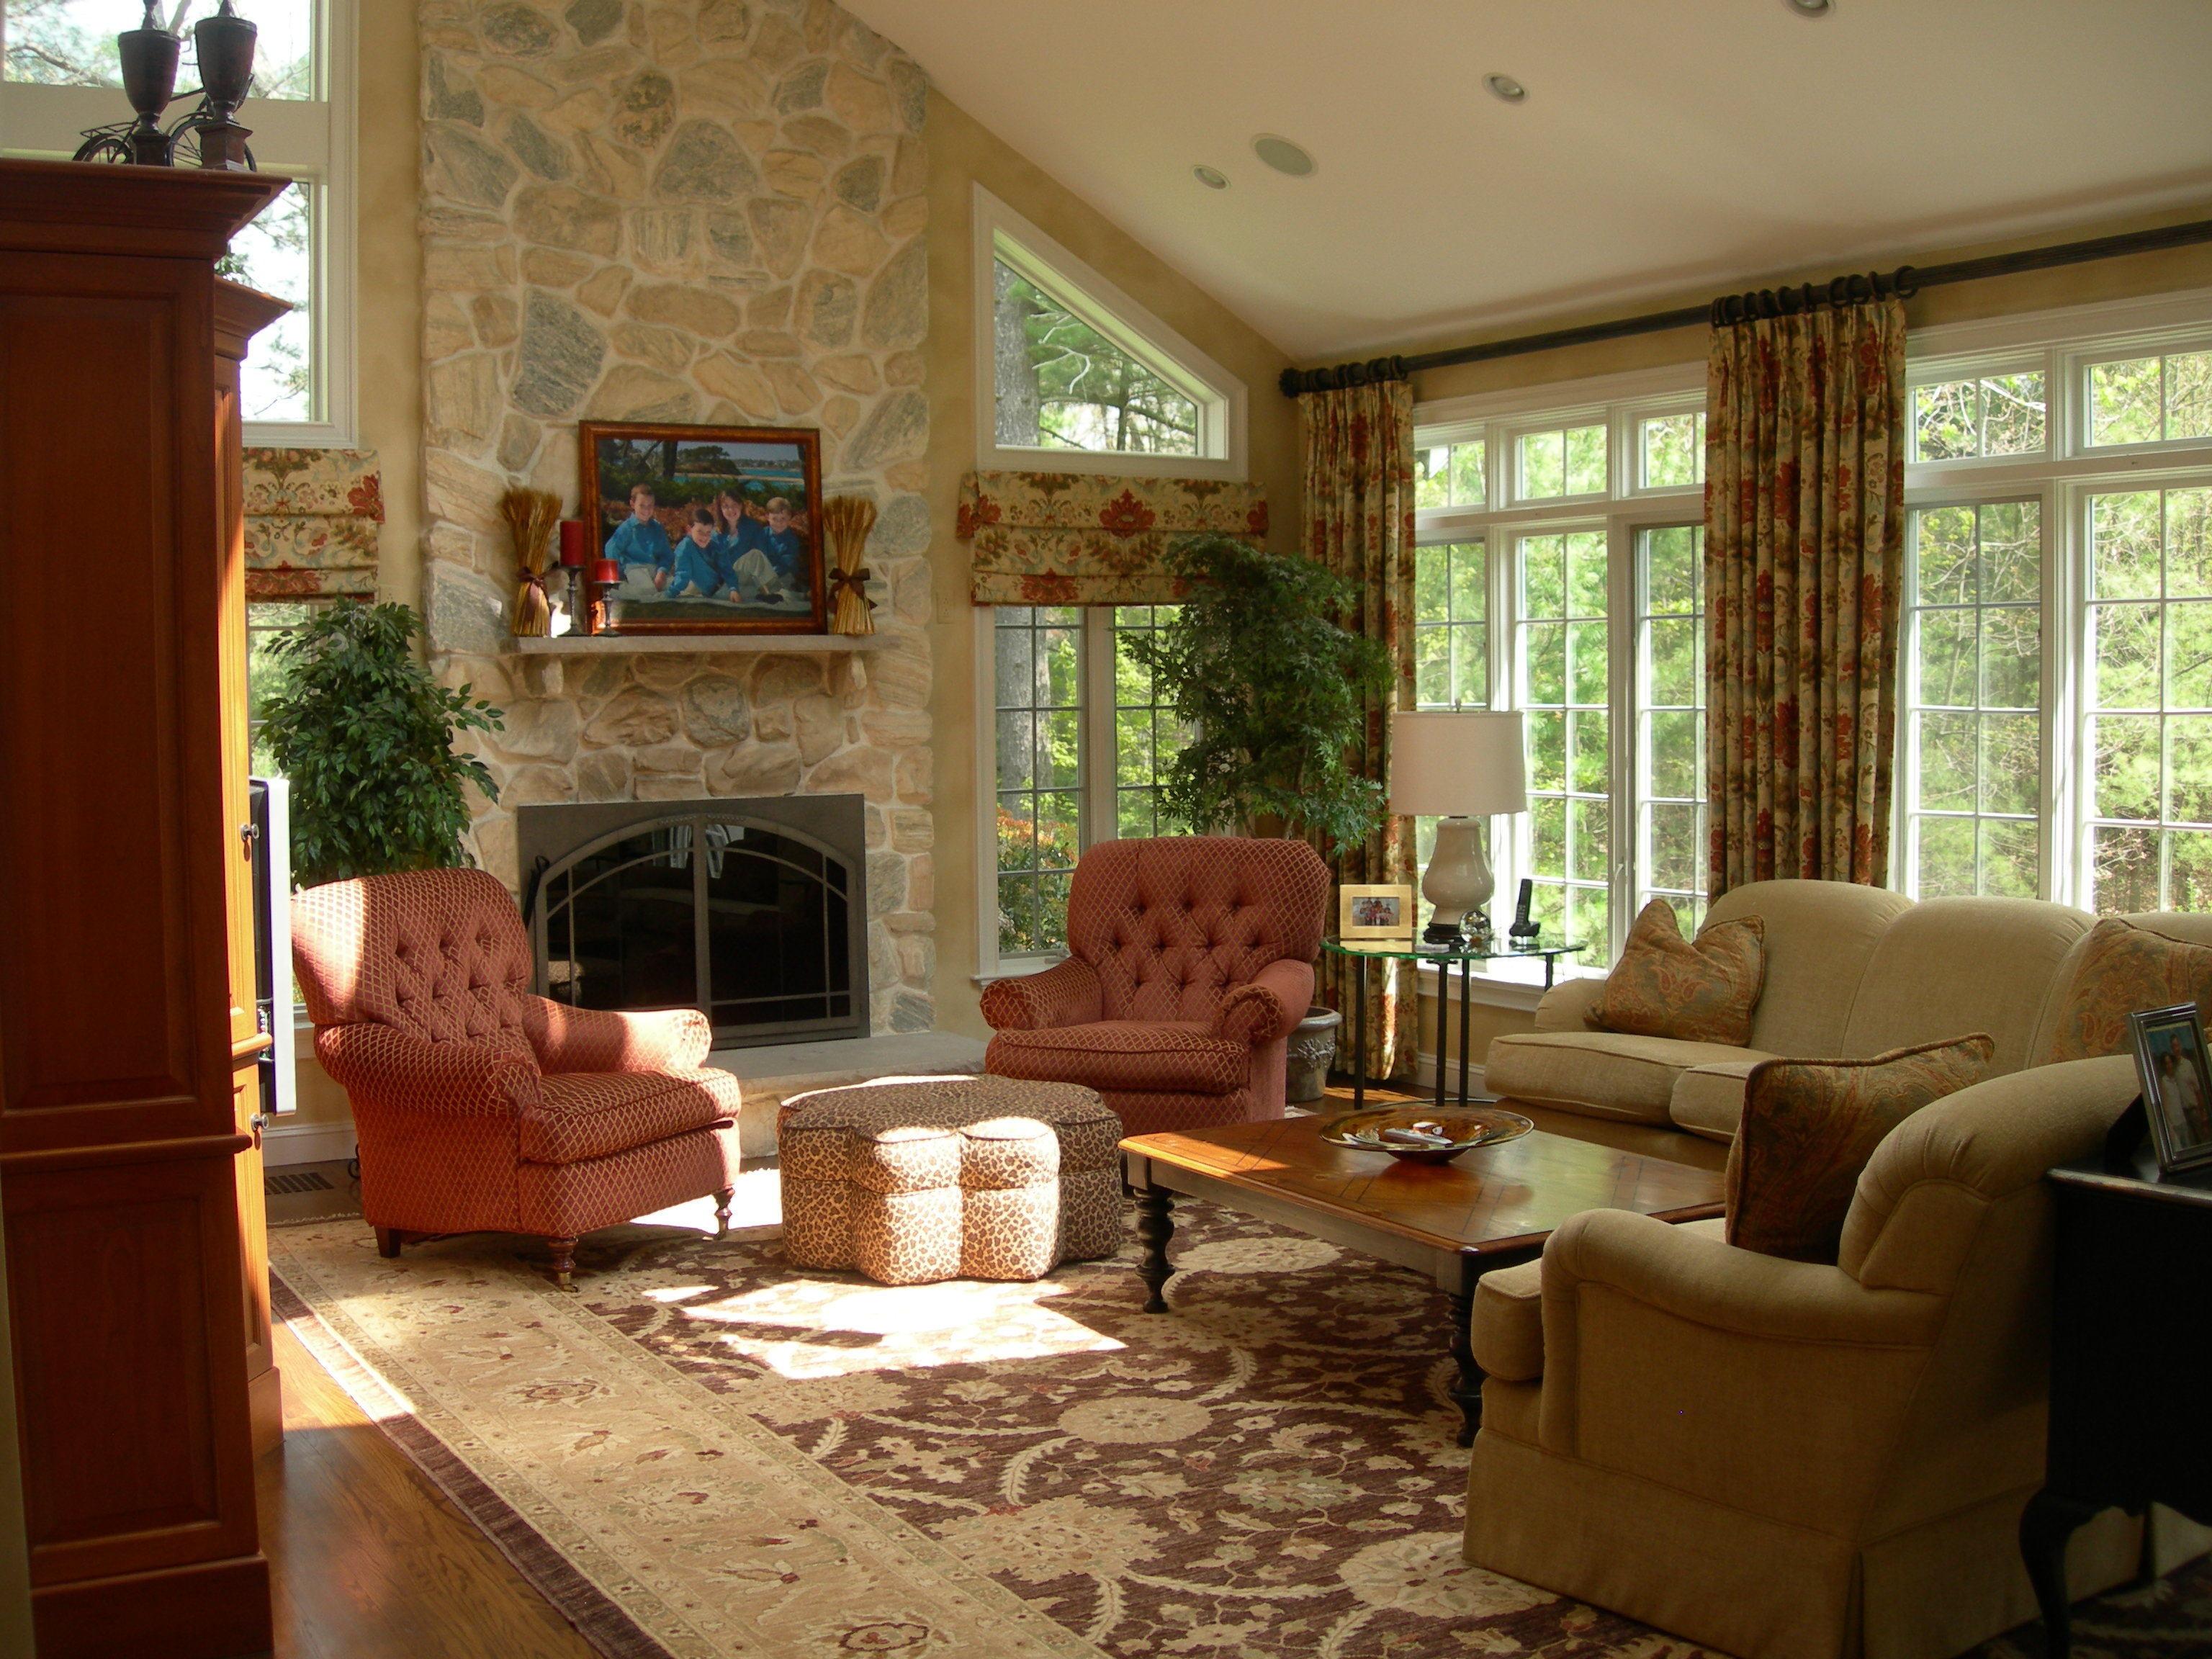 10 проектов по улучшению дома, которые вы никогда не должны осуществлять своими руками (часть 1). 13716.jpeg